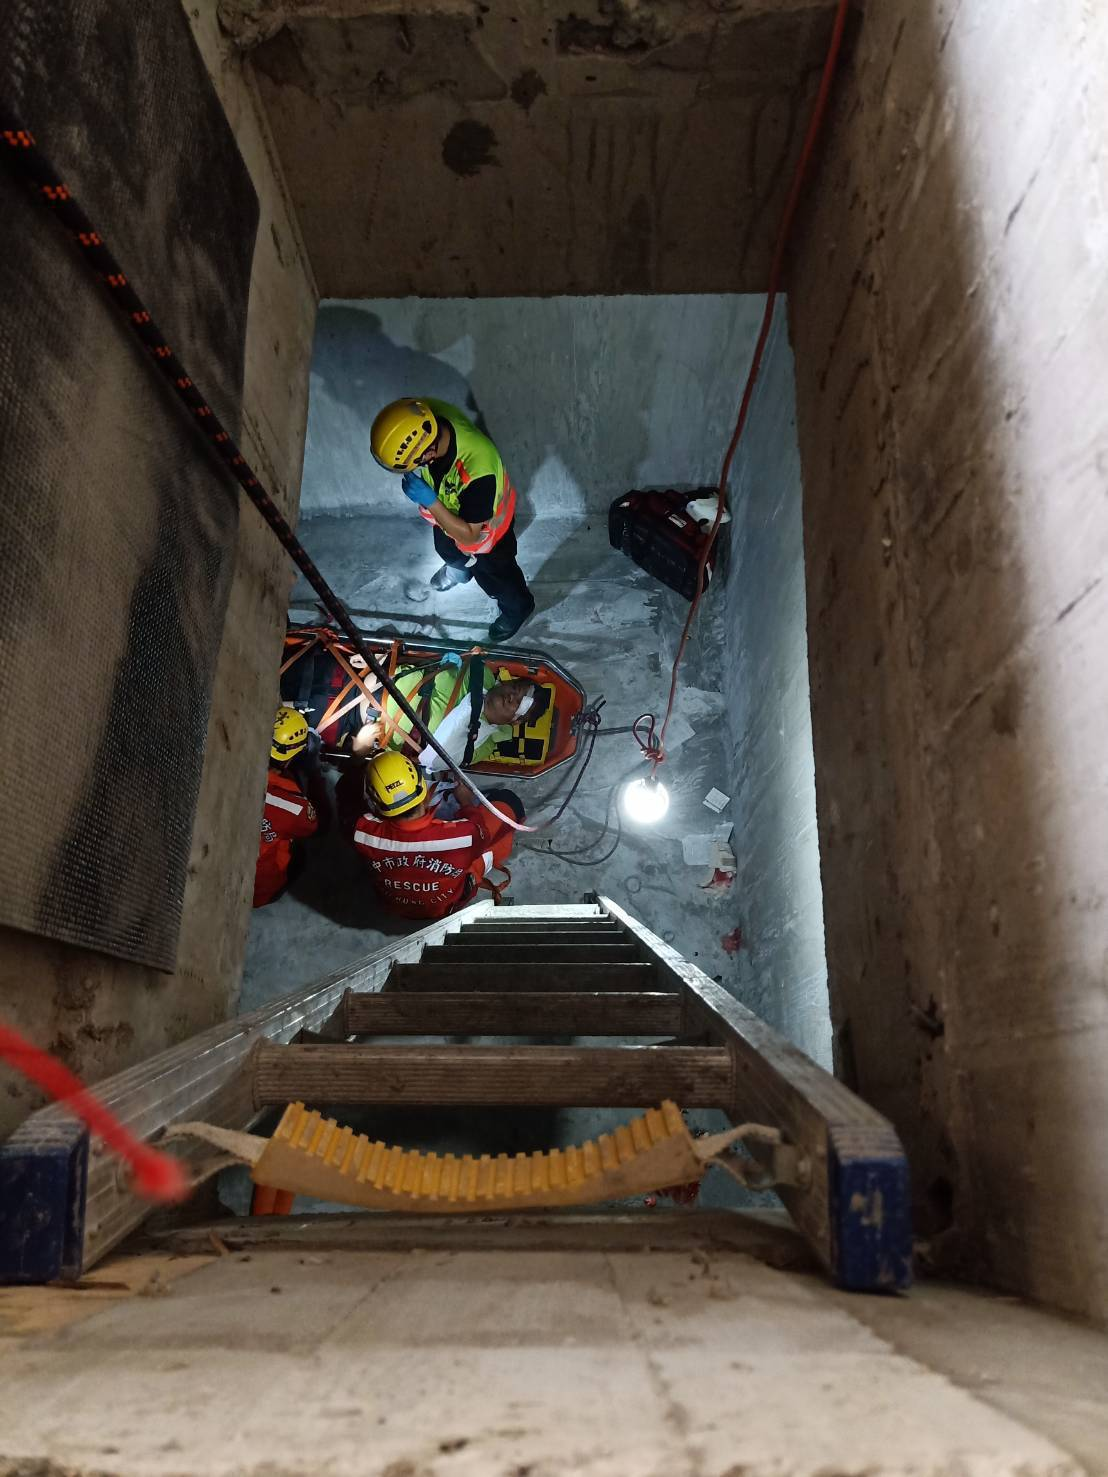 台中市后里區今天發生工安意外,一名工人摔落4公尺深受傷。記者游振昇/翻攝